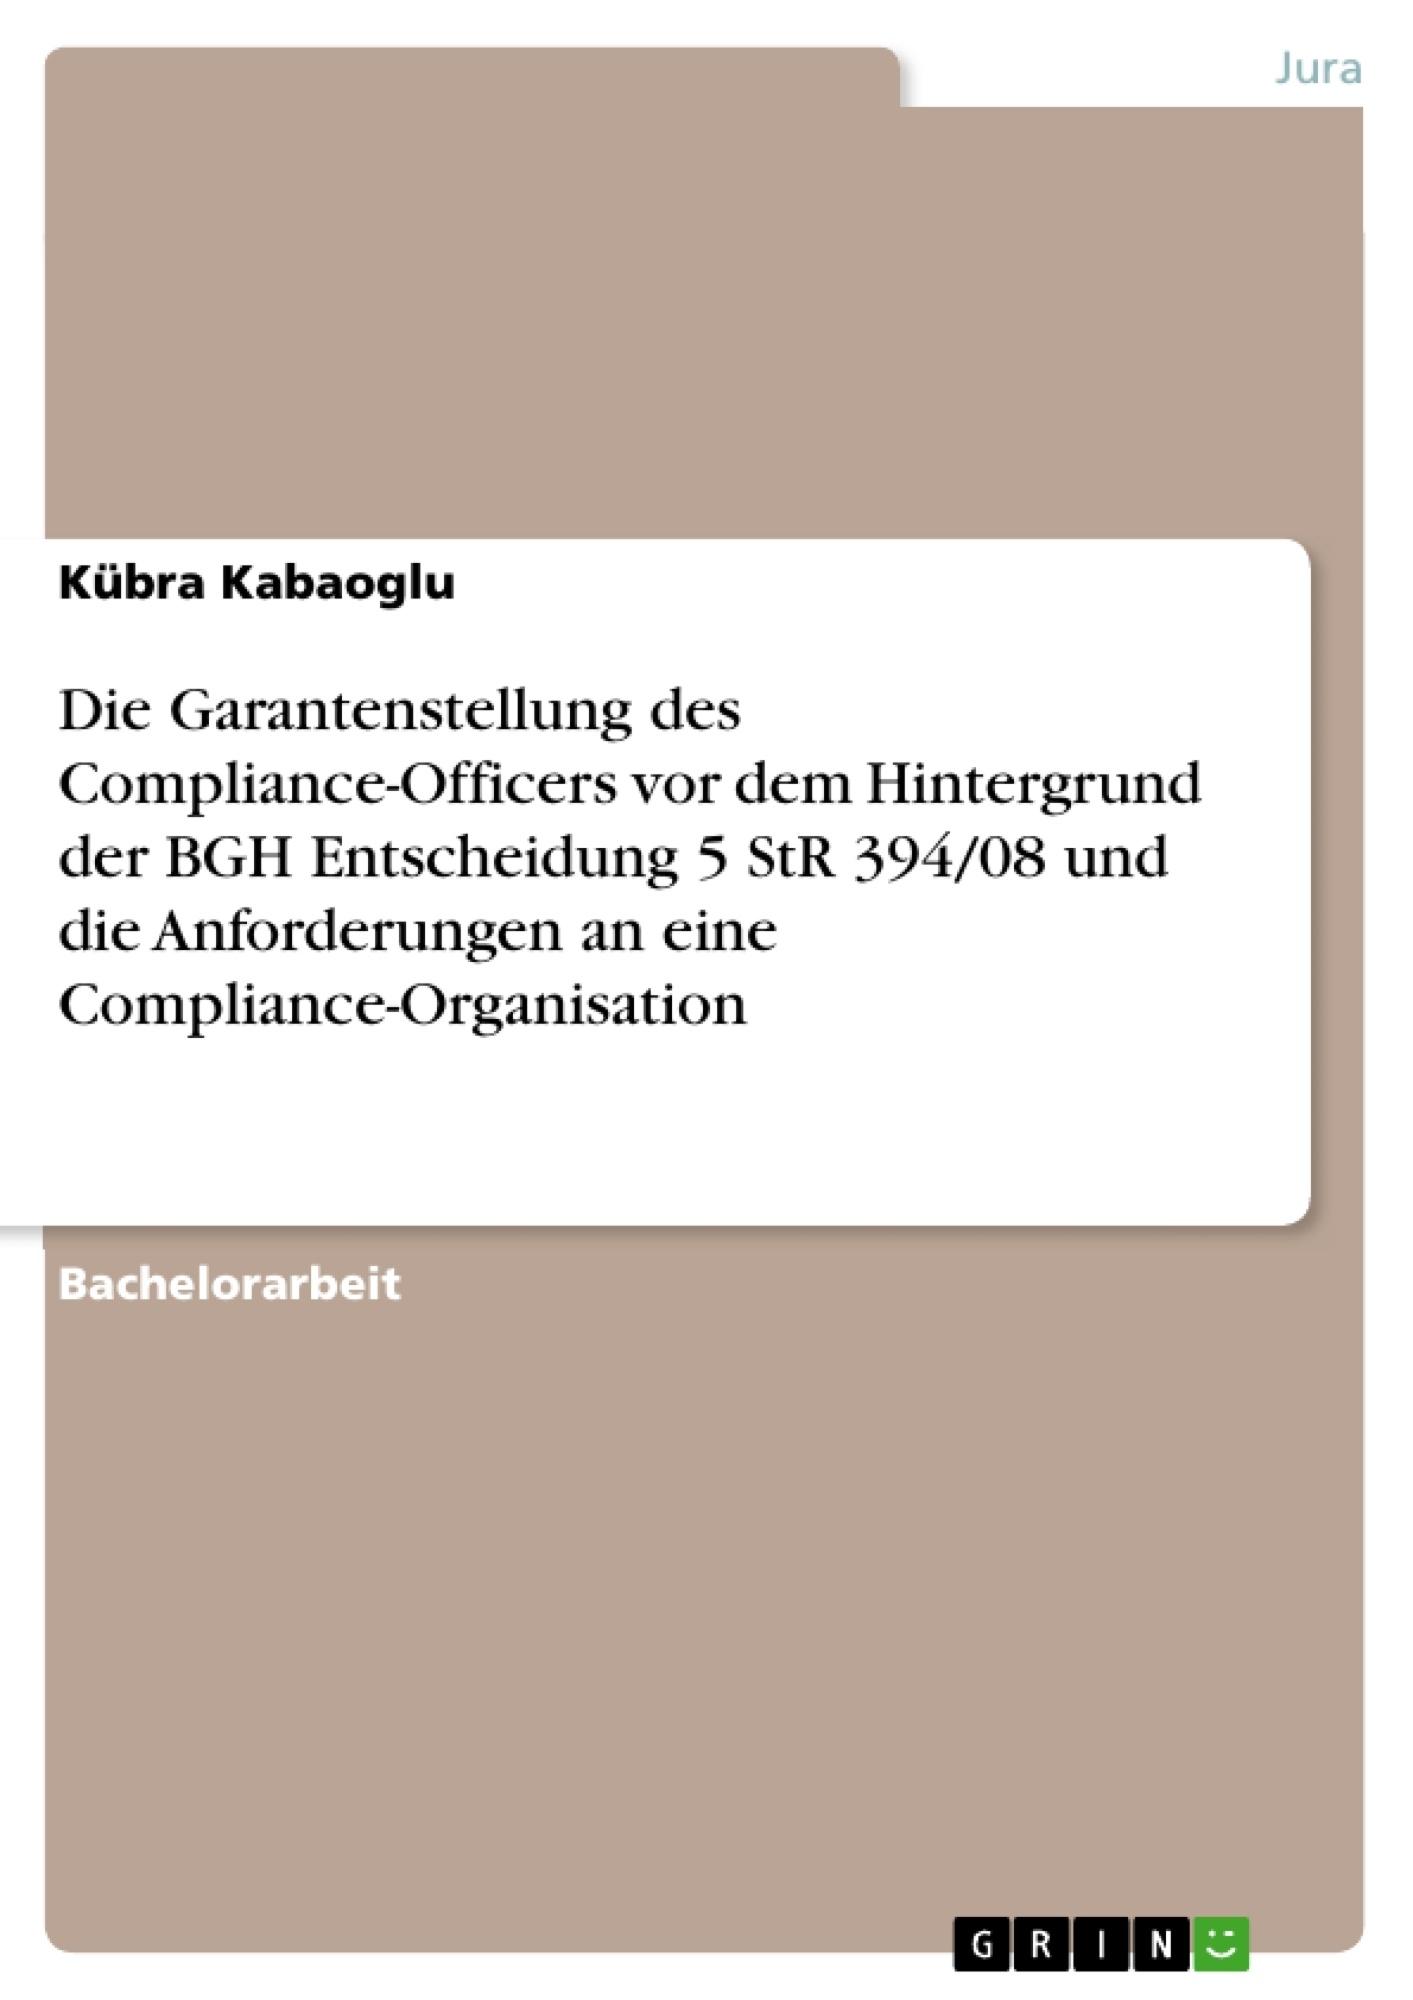 Titel: Die Garantenstellung des Compliance-Officers vor dem Hintergrund der BGH Entscheidung 5 StR 394/08 und die Anforderungen an eine Compliance-Organisation